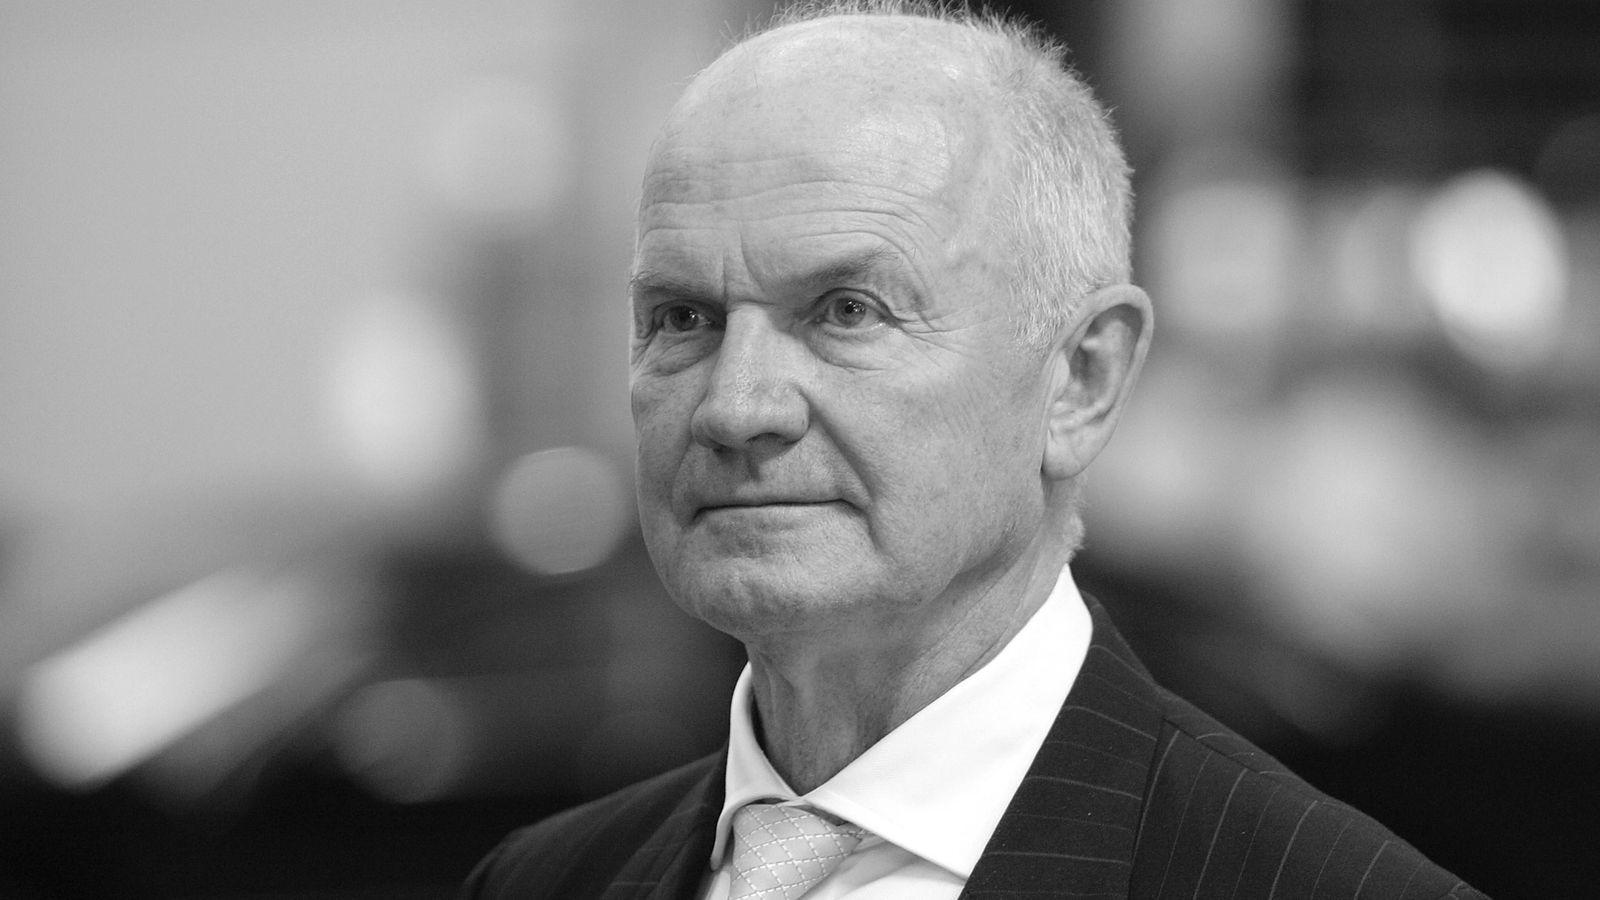 Preminuo čovjek koji je pretvorio VW u uspješnog svjetskog diva